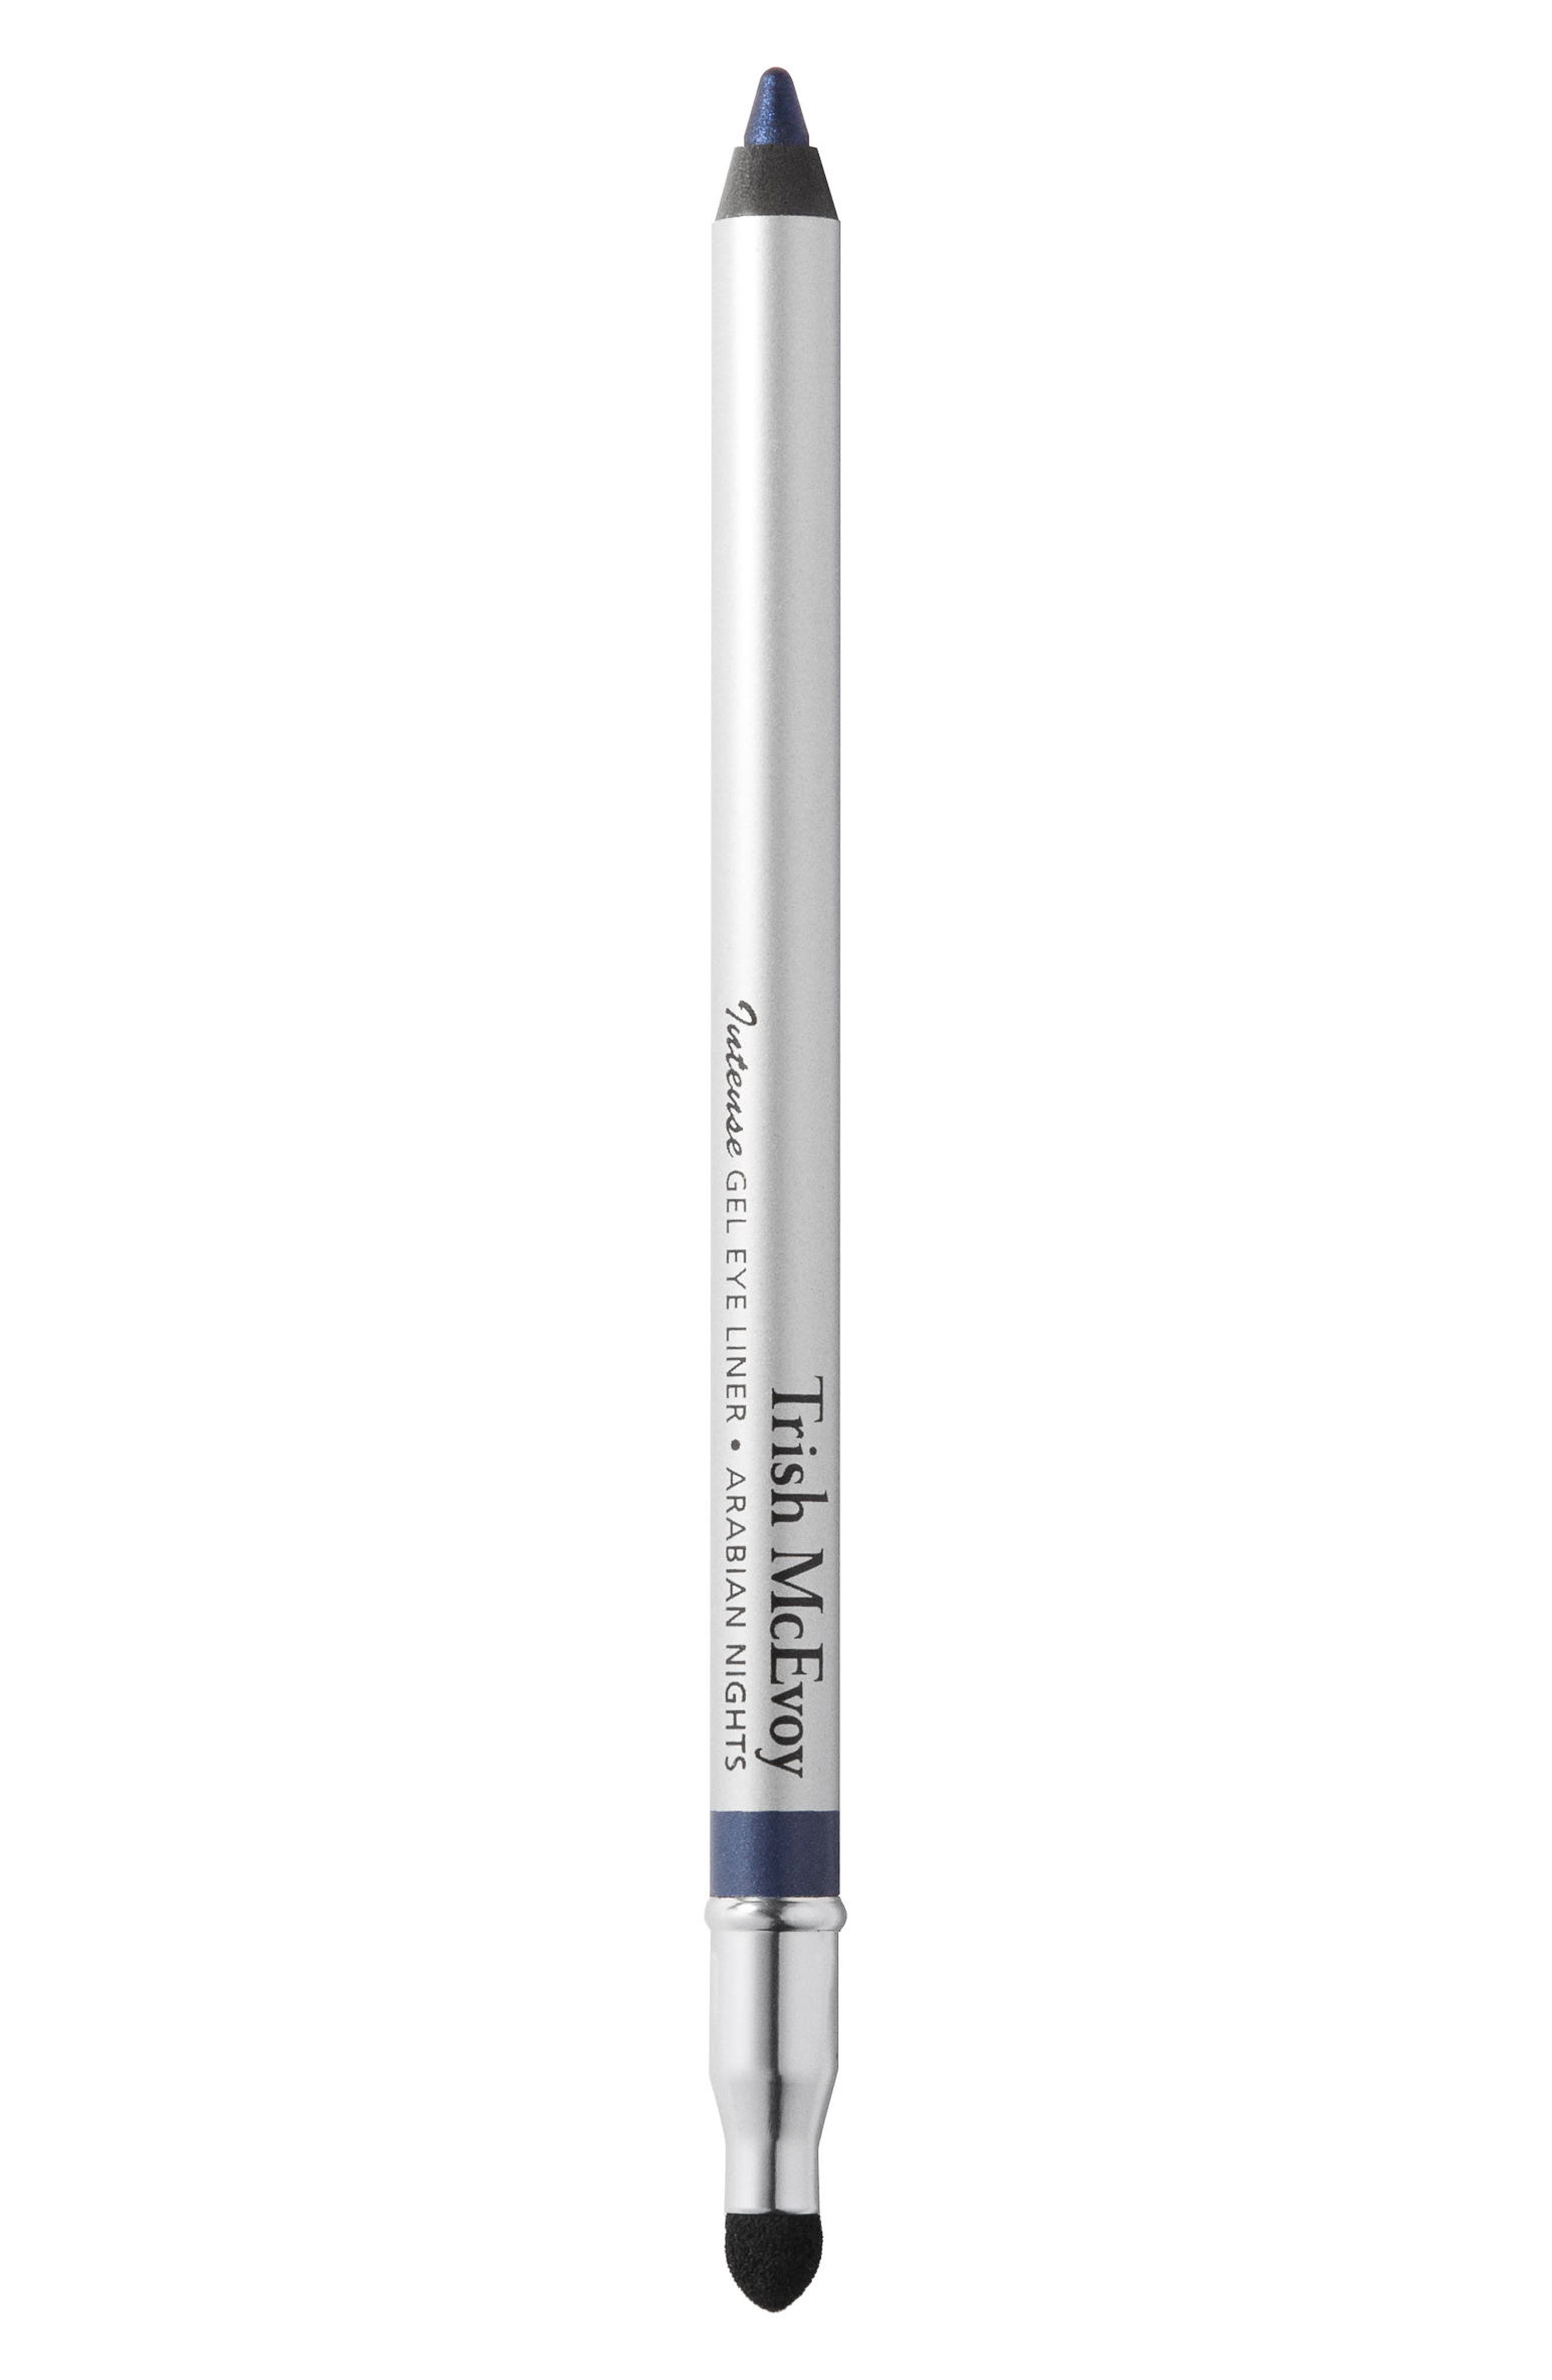 Main Image - Trish McEvoy 'Intense' Gel Eyeliner Pencil